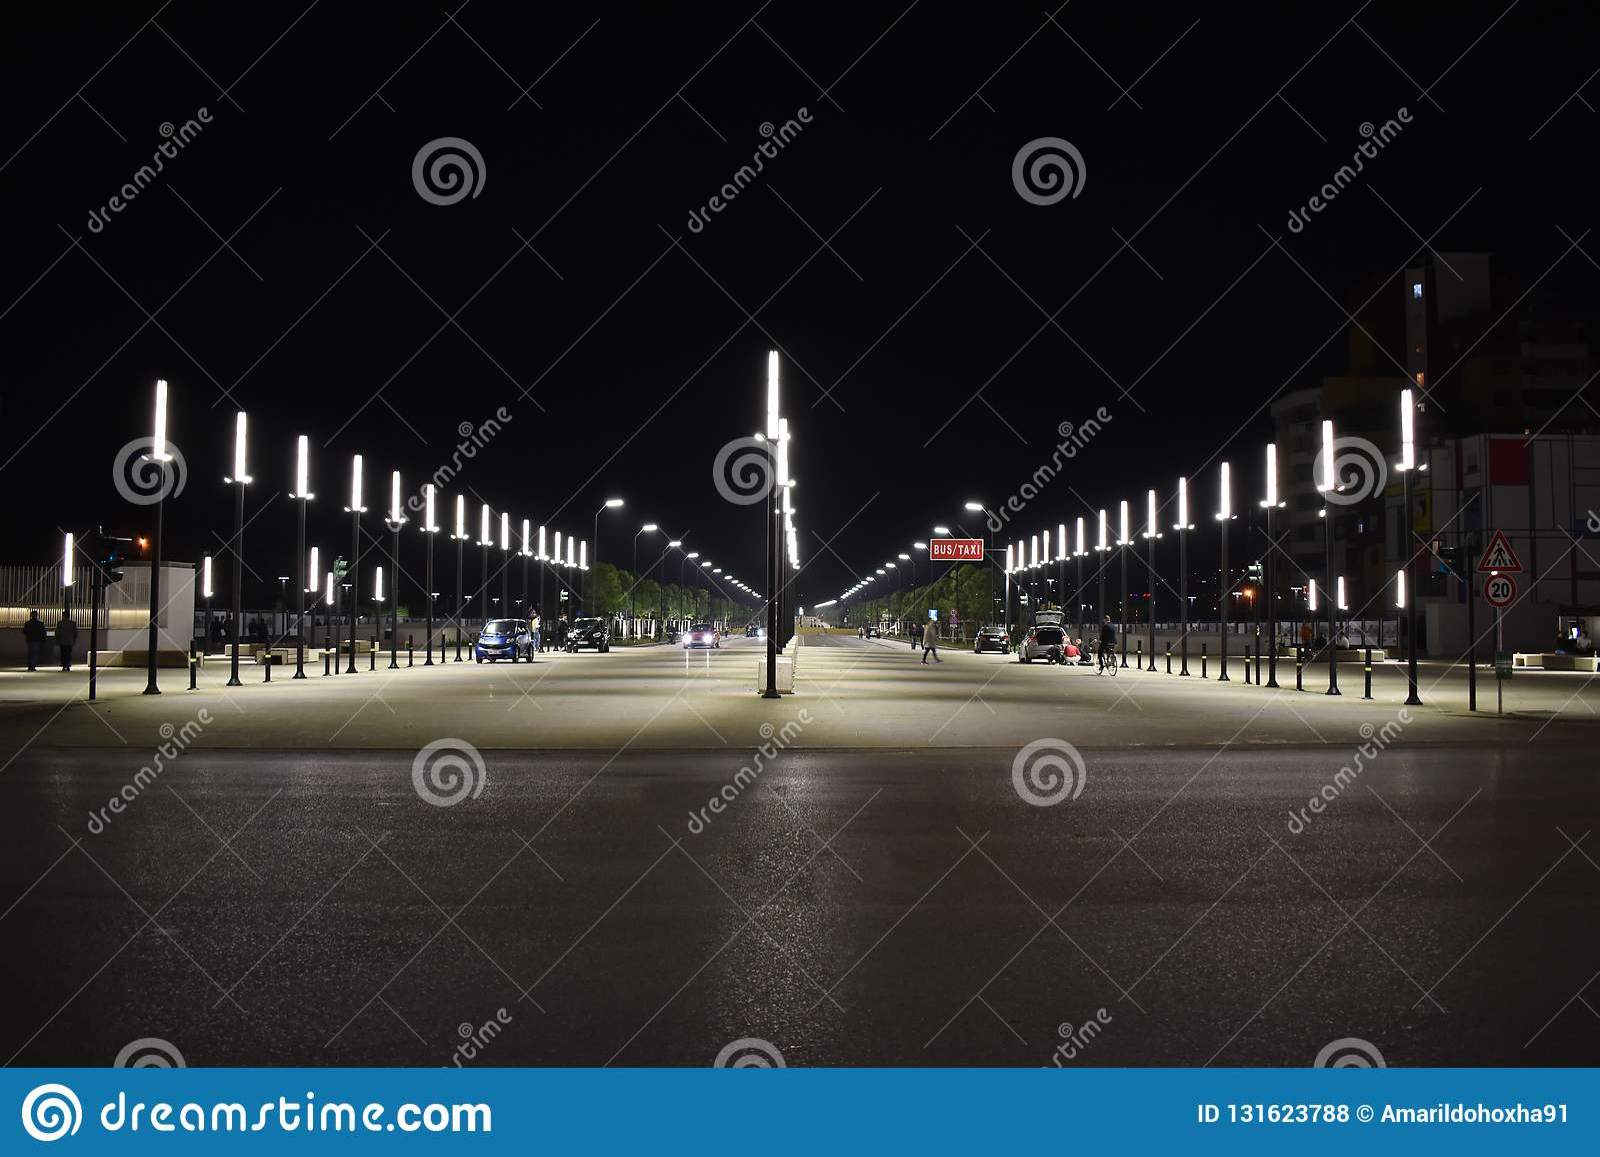 Ottobre 2018 - Tirana, Albania Il nuovo boulevard recentemente costruito di Tirana